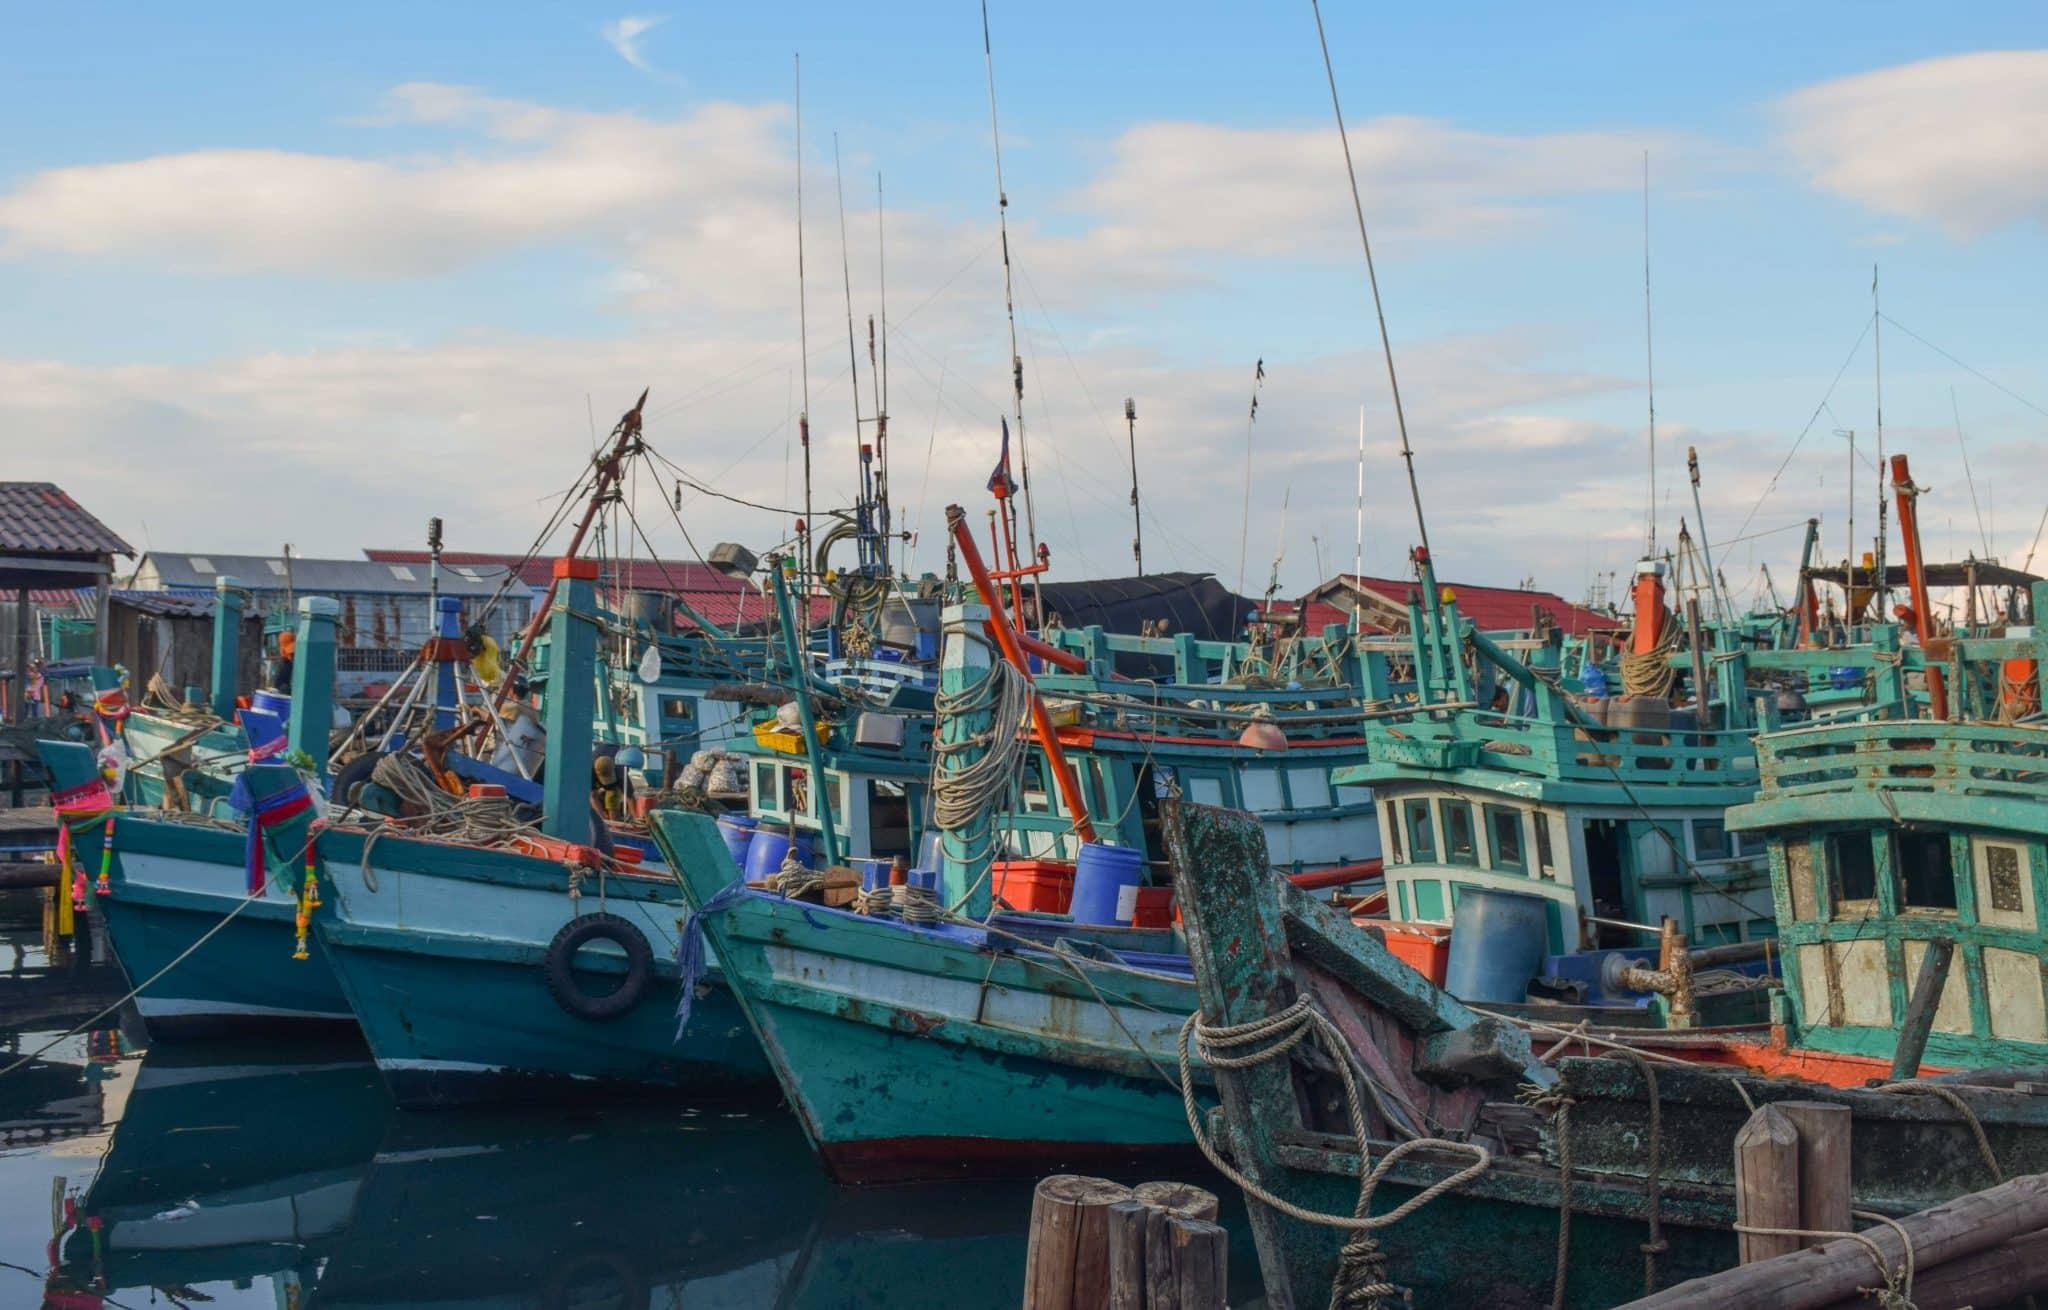 Sihanoukville Cambodia Fishing VIllage